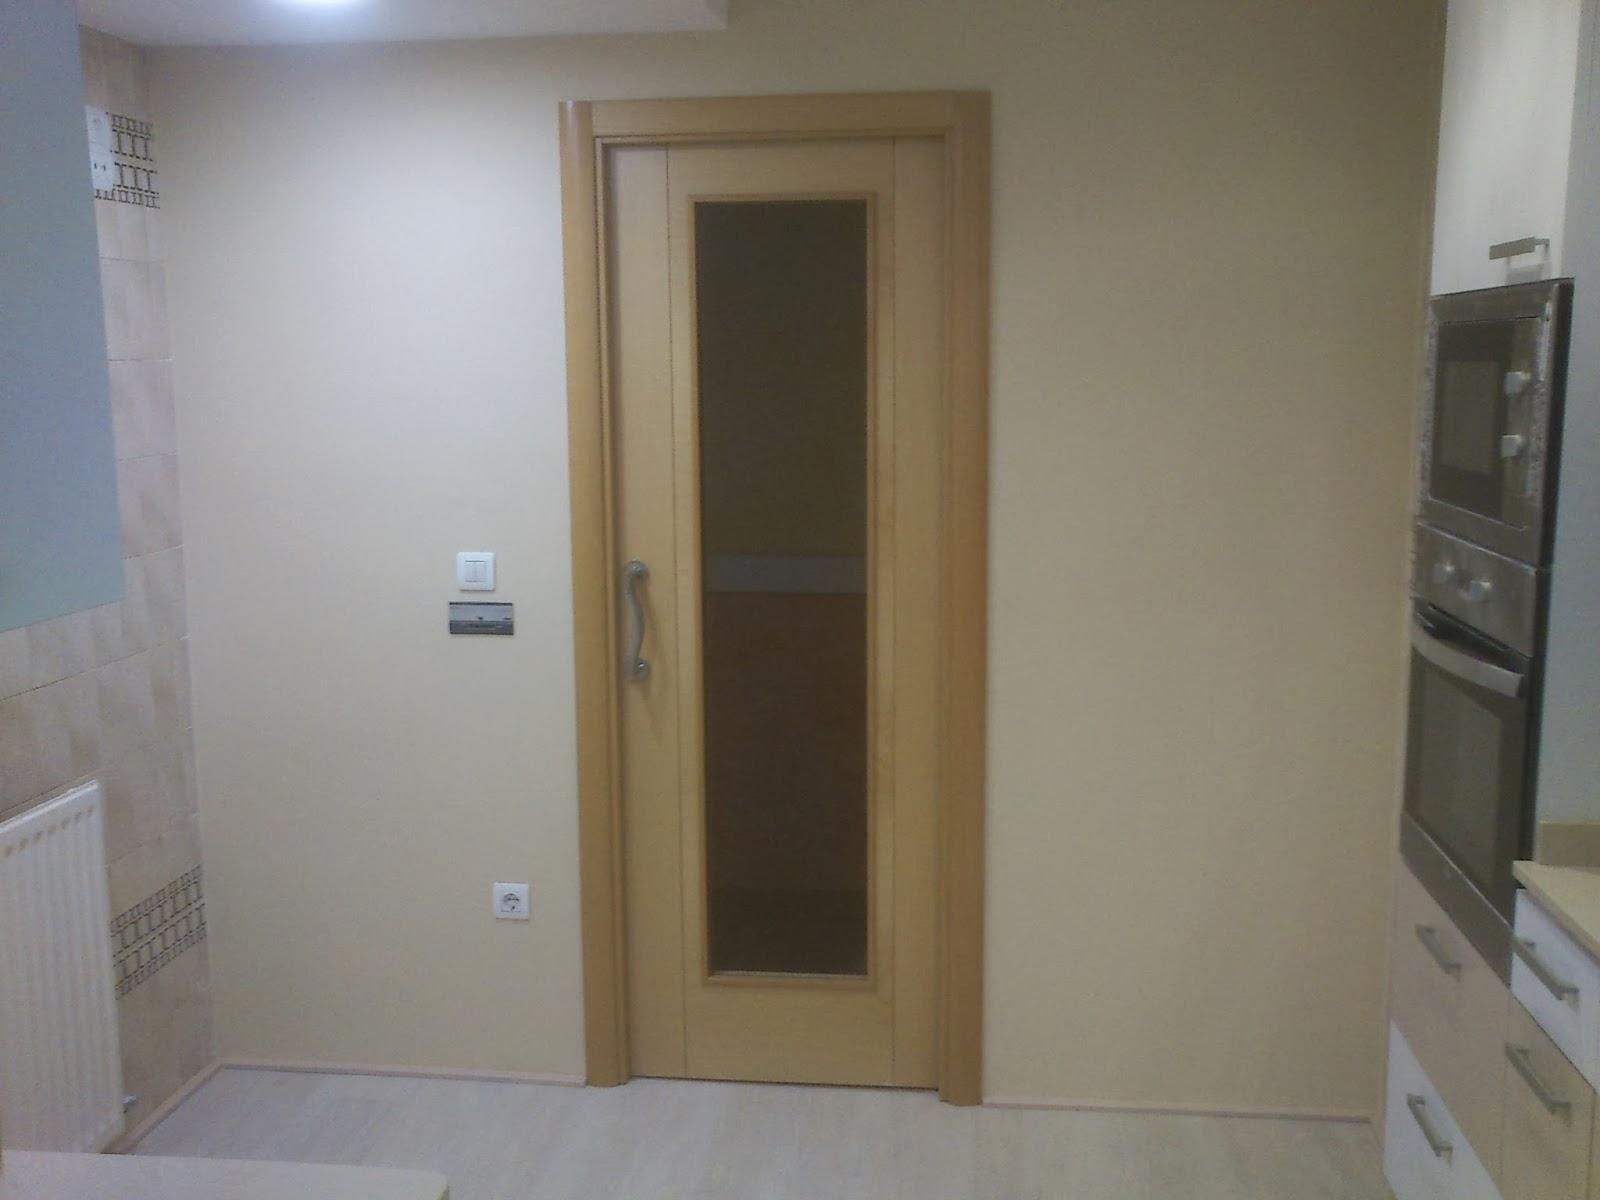 Sergio vivas carpintero colocaci n de puertas suelo - Puertas correderas japonesas ...